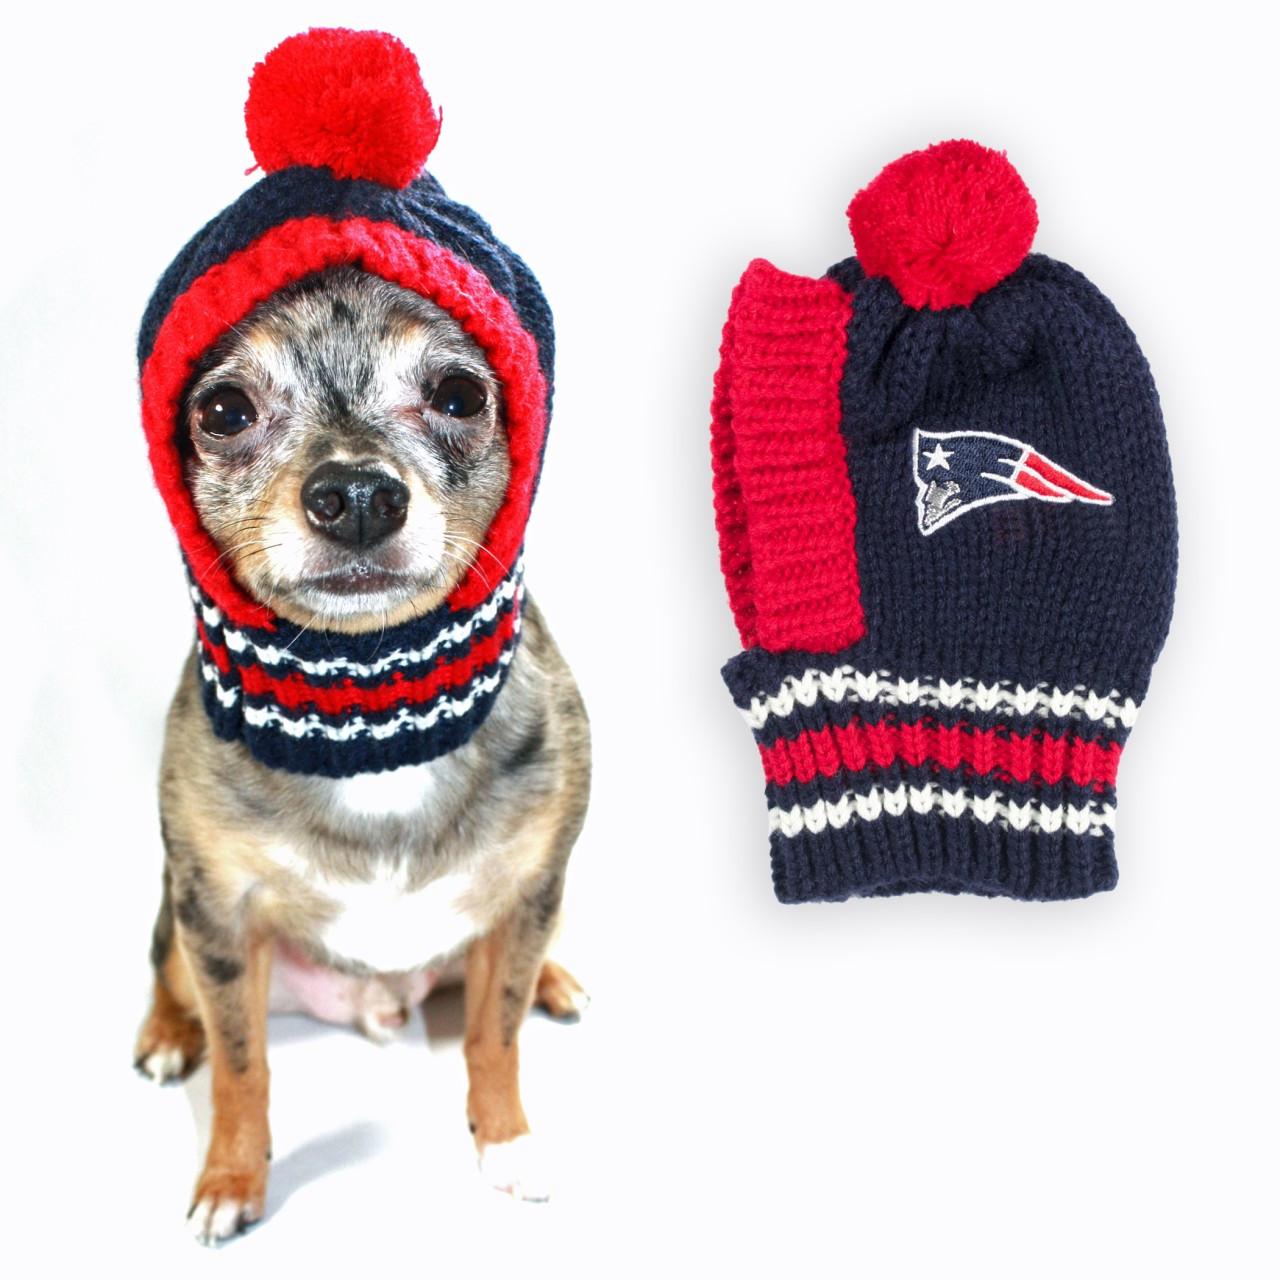 NFL Knit Dog Hats 57702863a